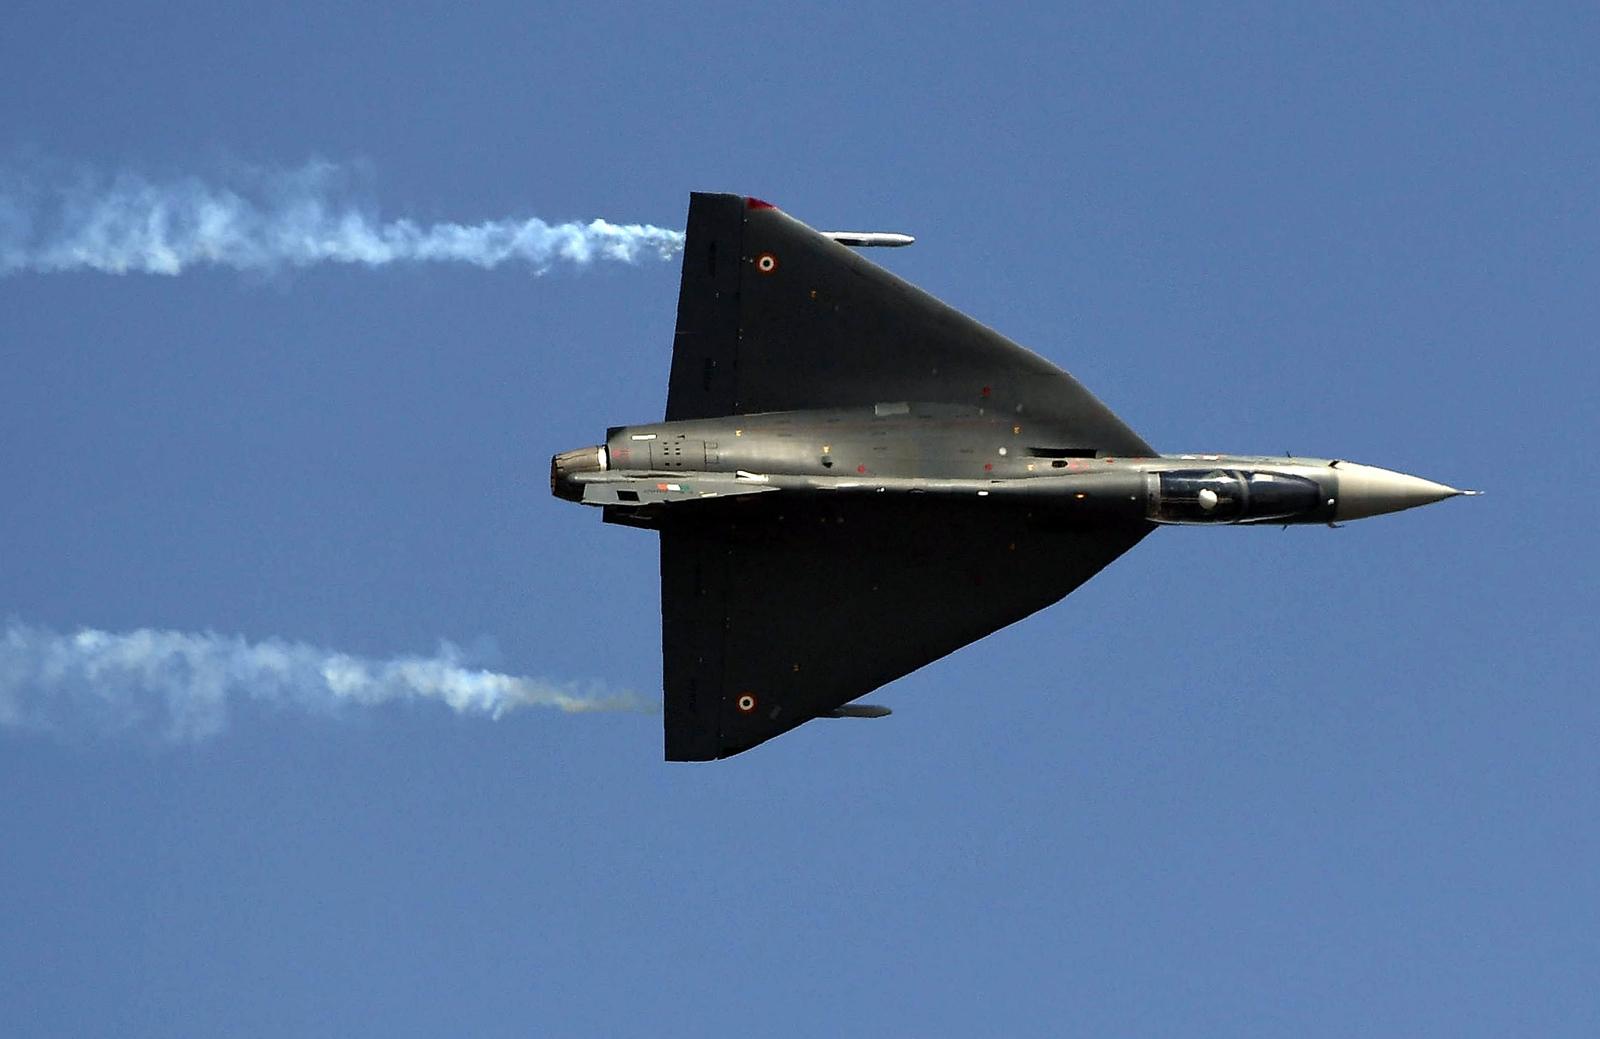 Indian Air Force Tejas Light Combat Aircraft